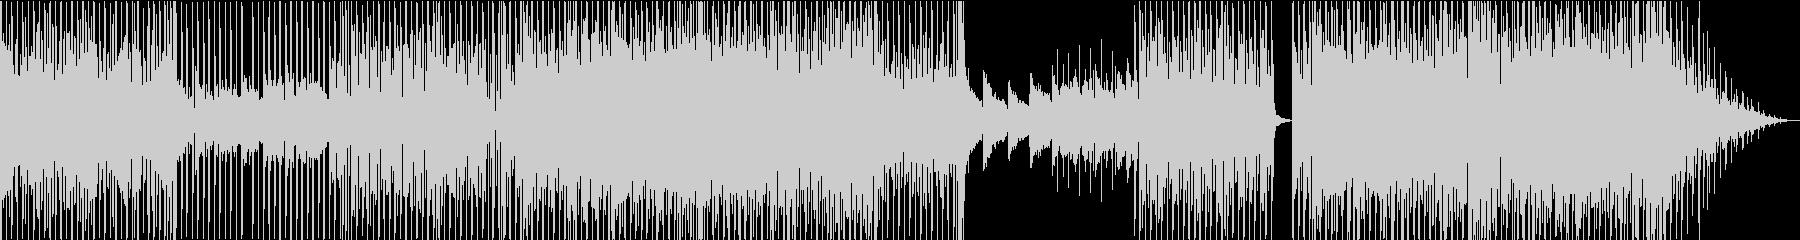 キラキラ/シティポップ_No461_1の未再生の波形